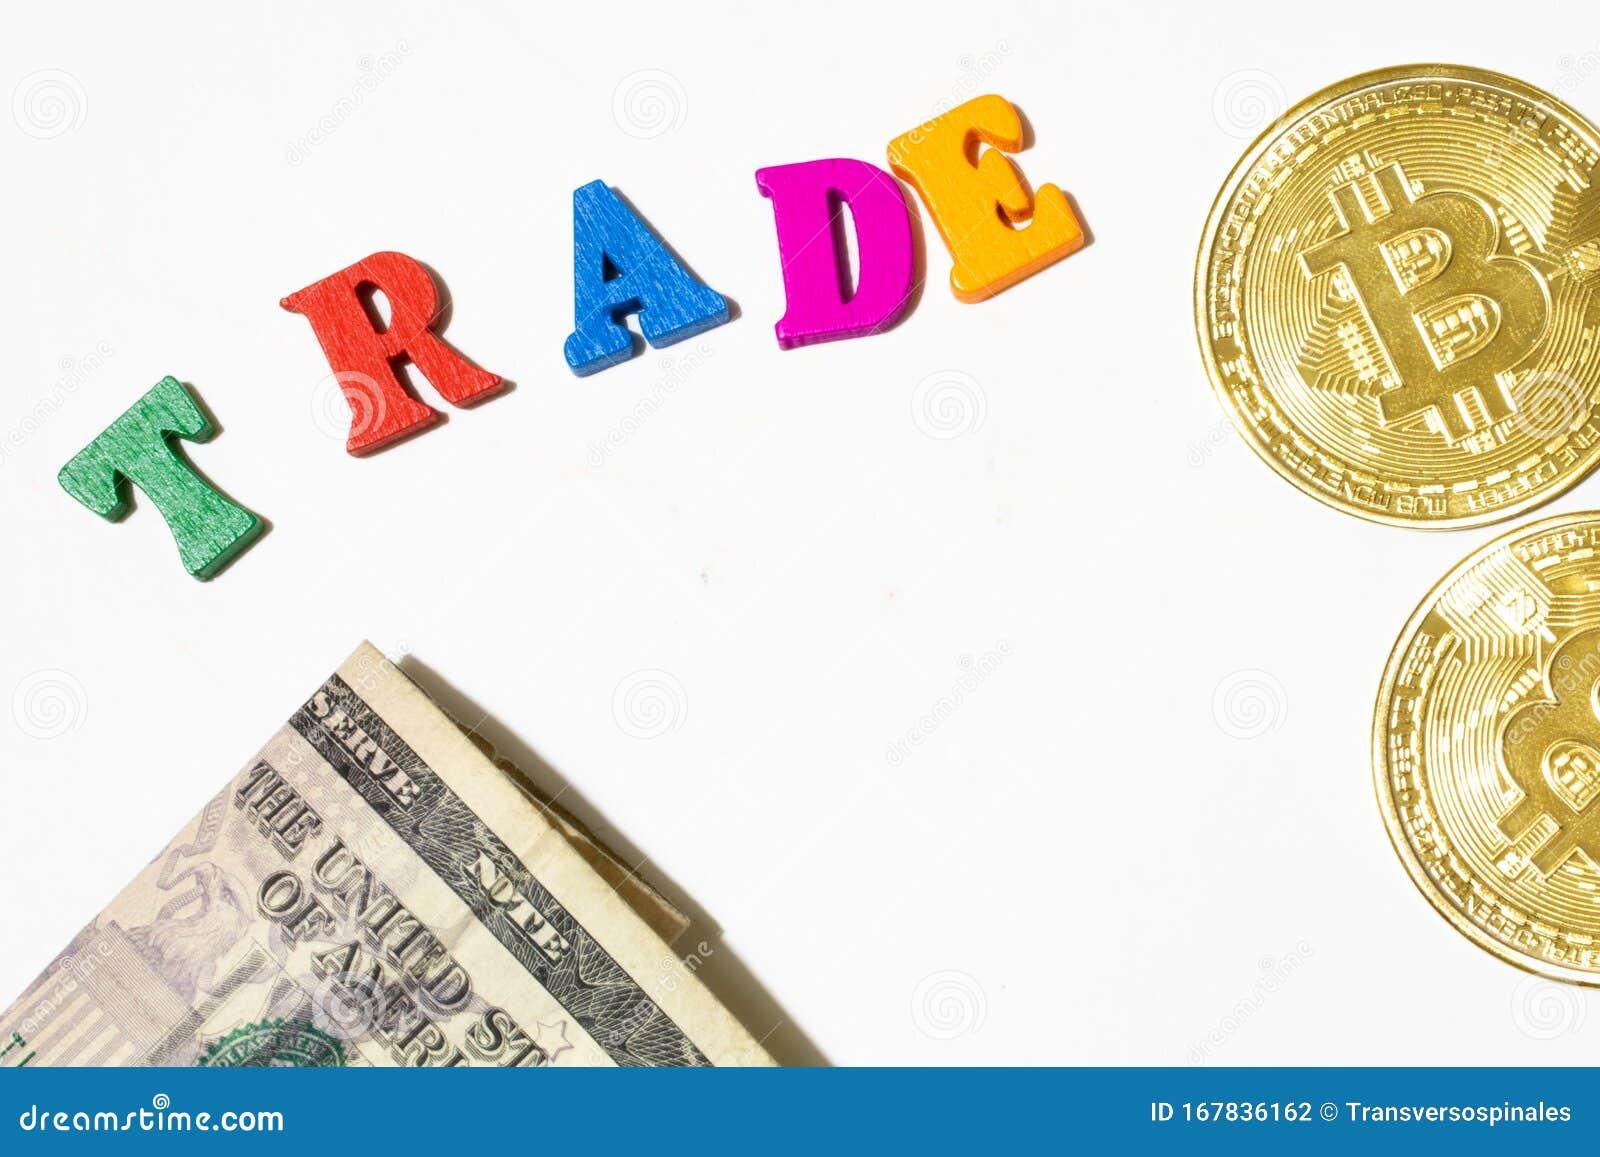 trade bitcoin for money